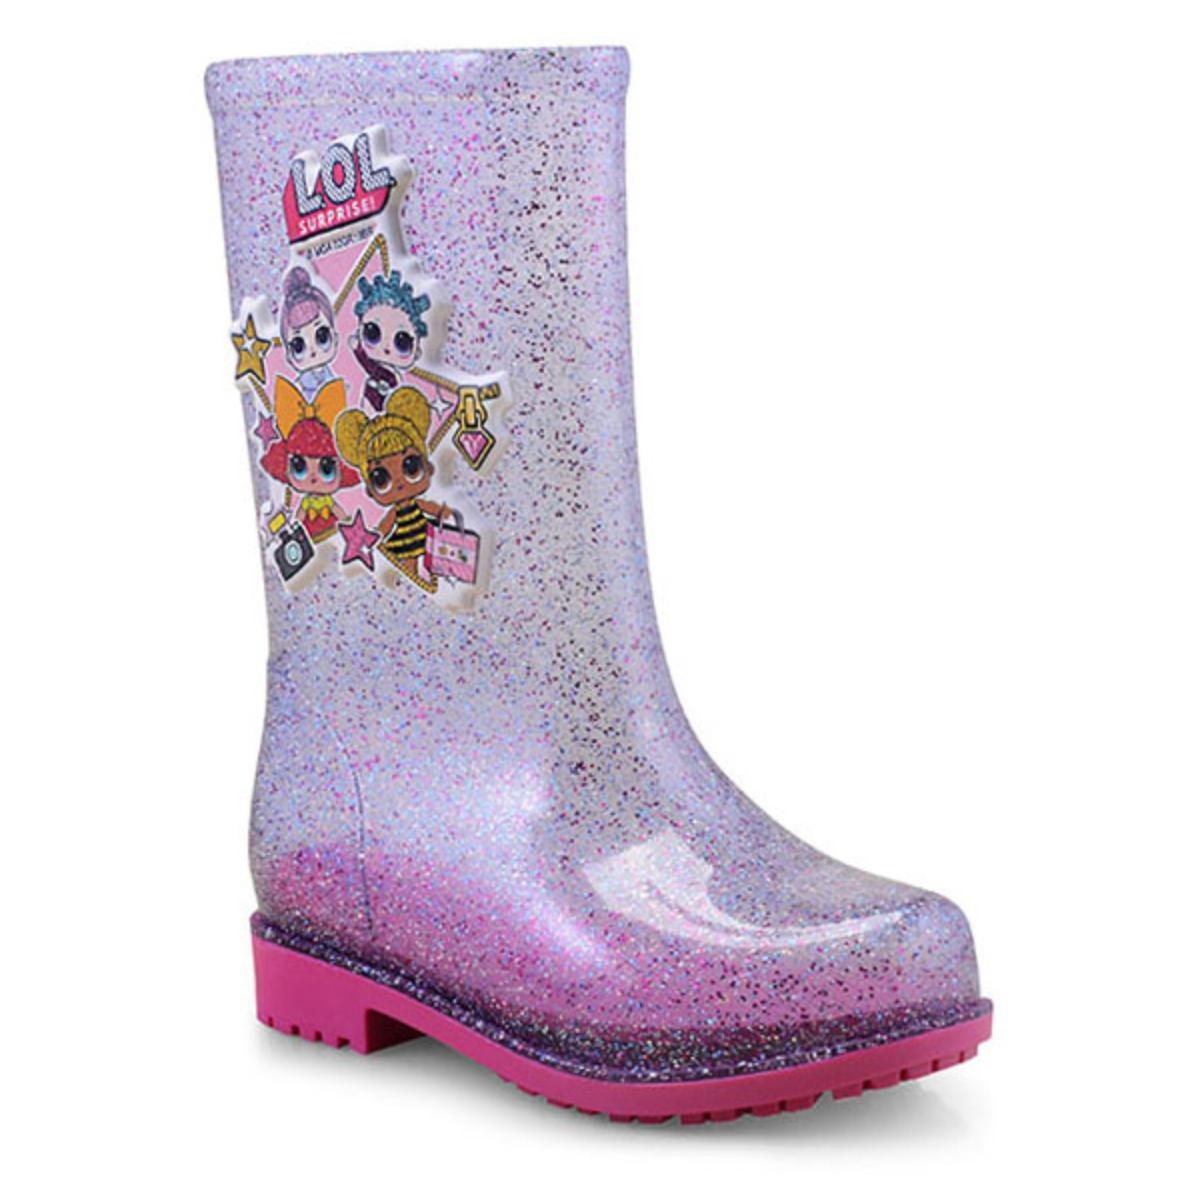 Galocha Fem Infantil Grendene 21966 53532 Vidro Glitter/multicor/rosa